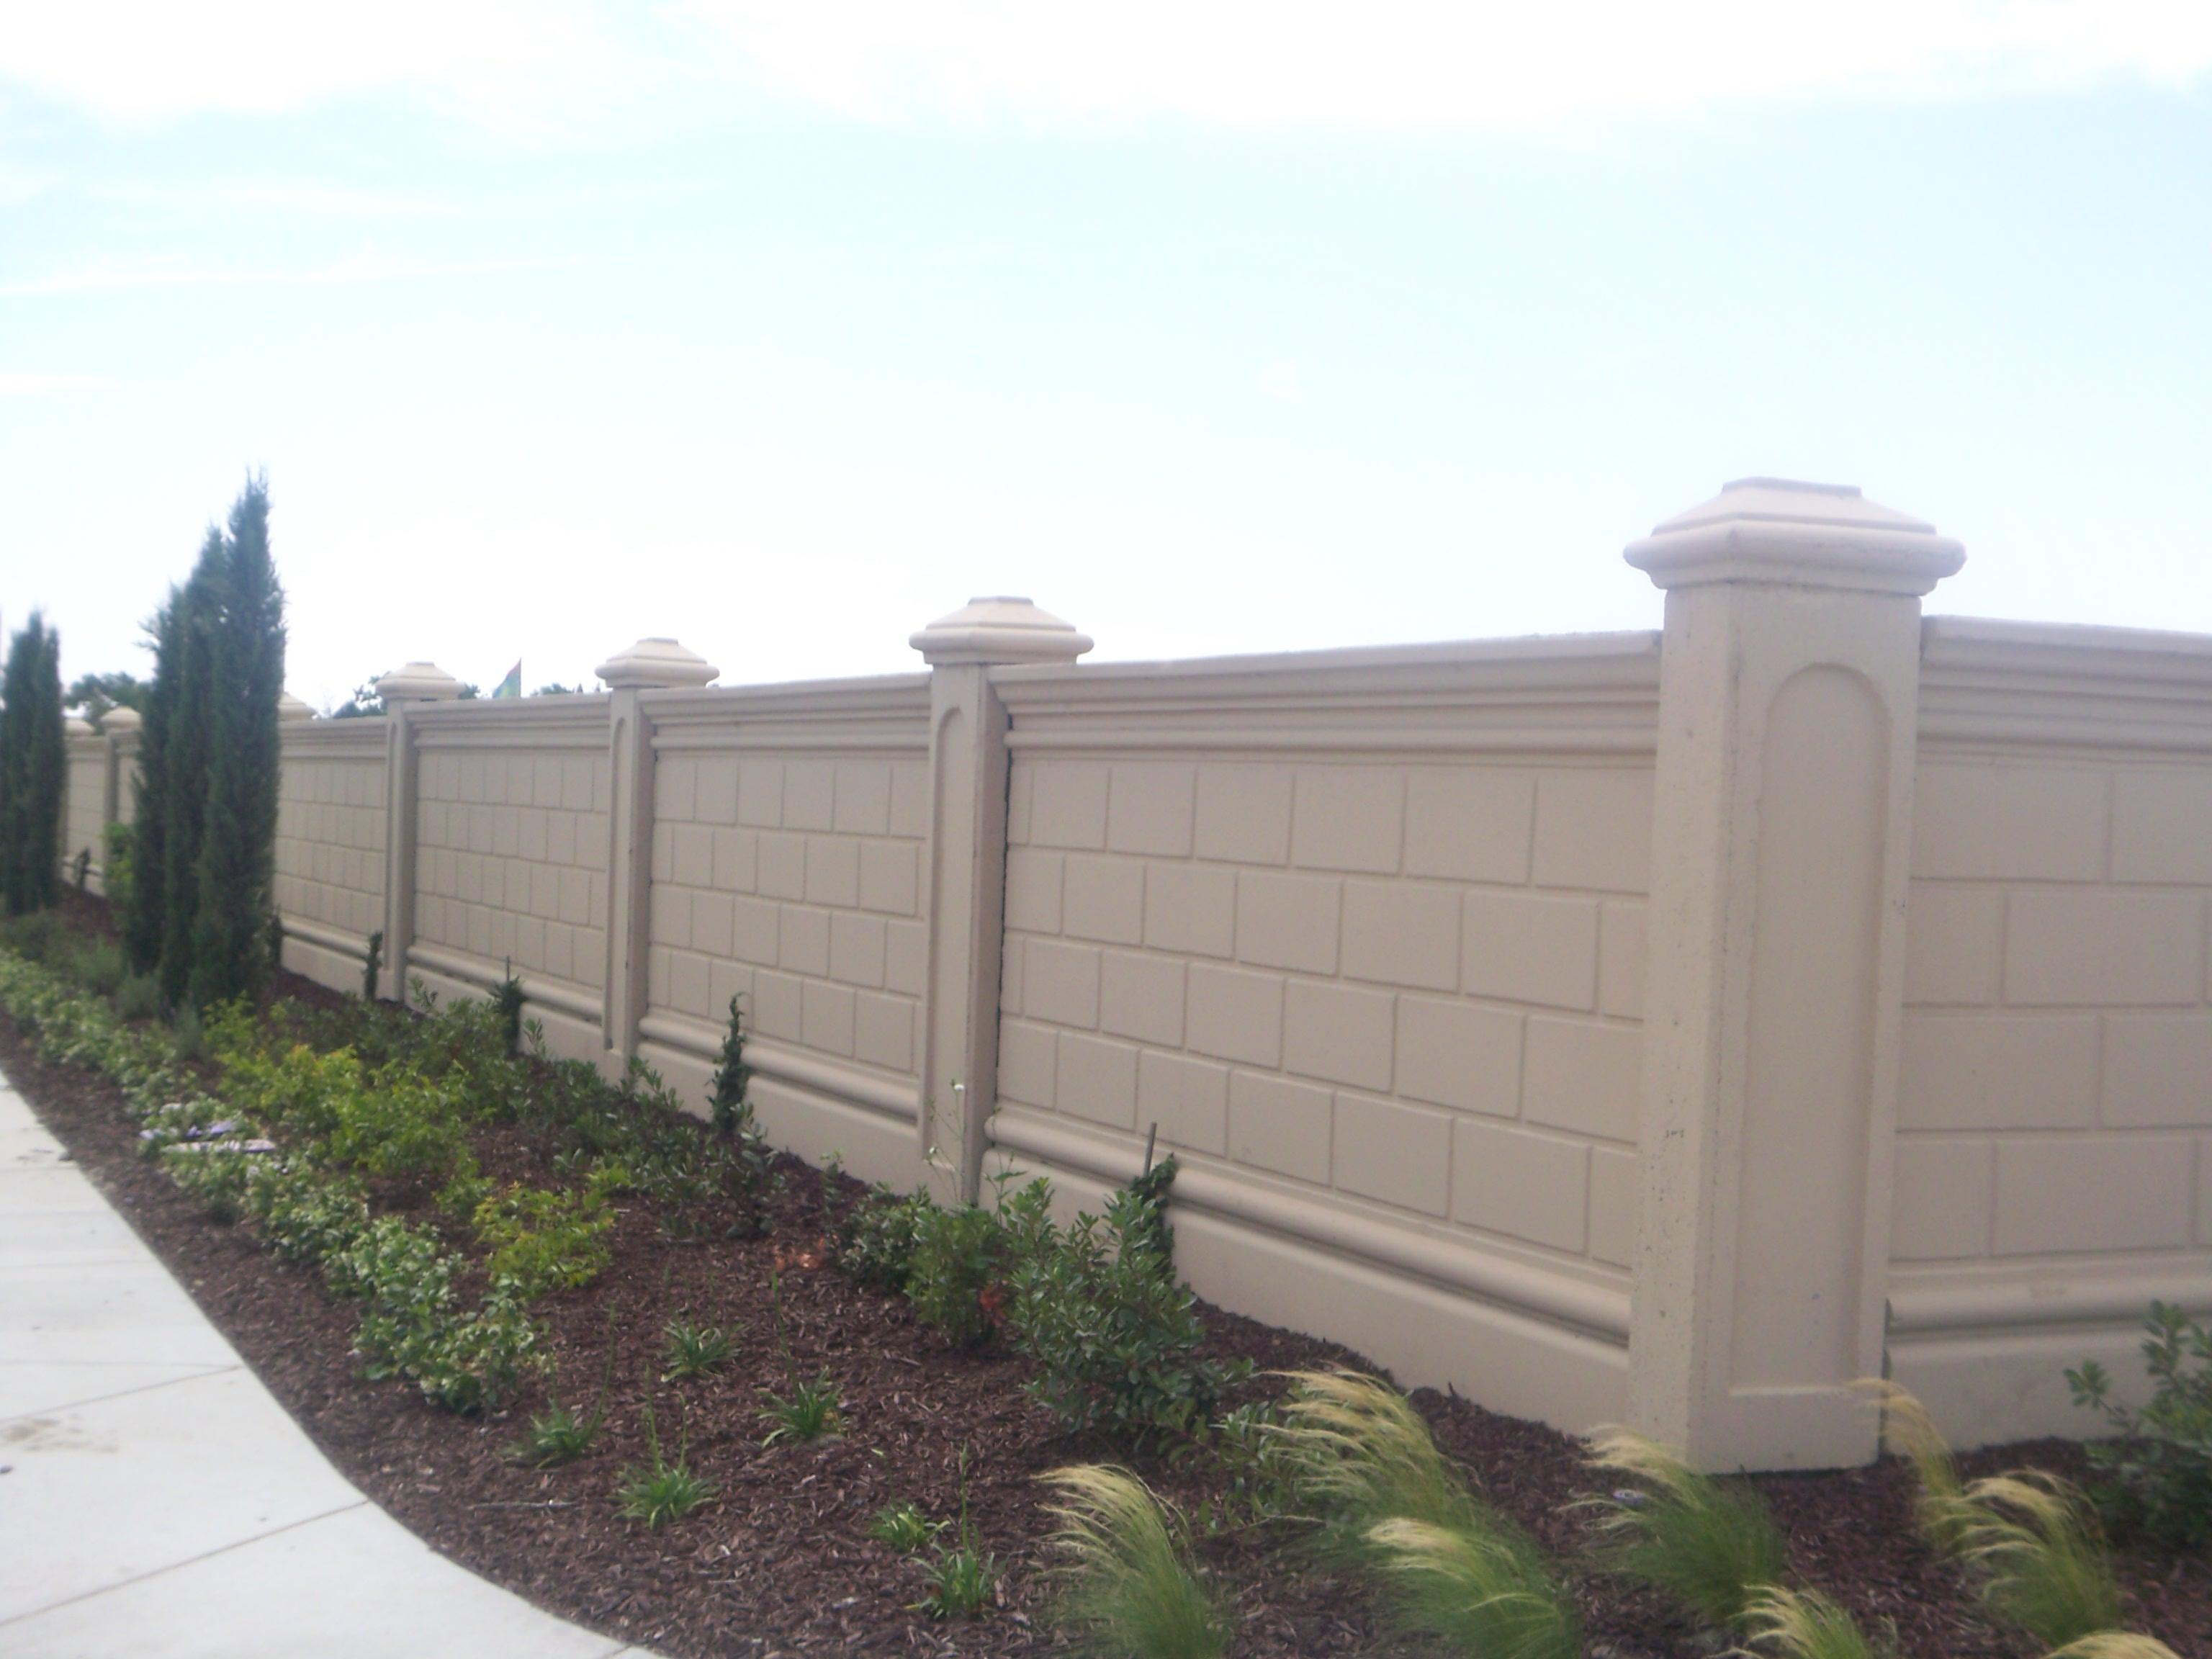 Fullsize Of Garden Wall Fence